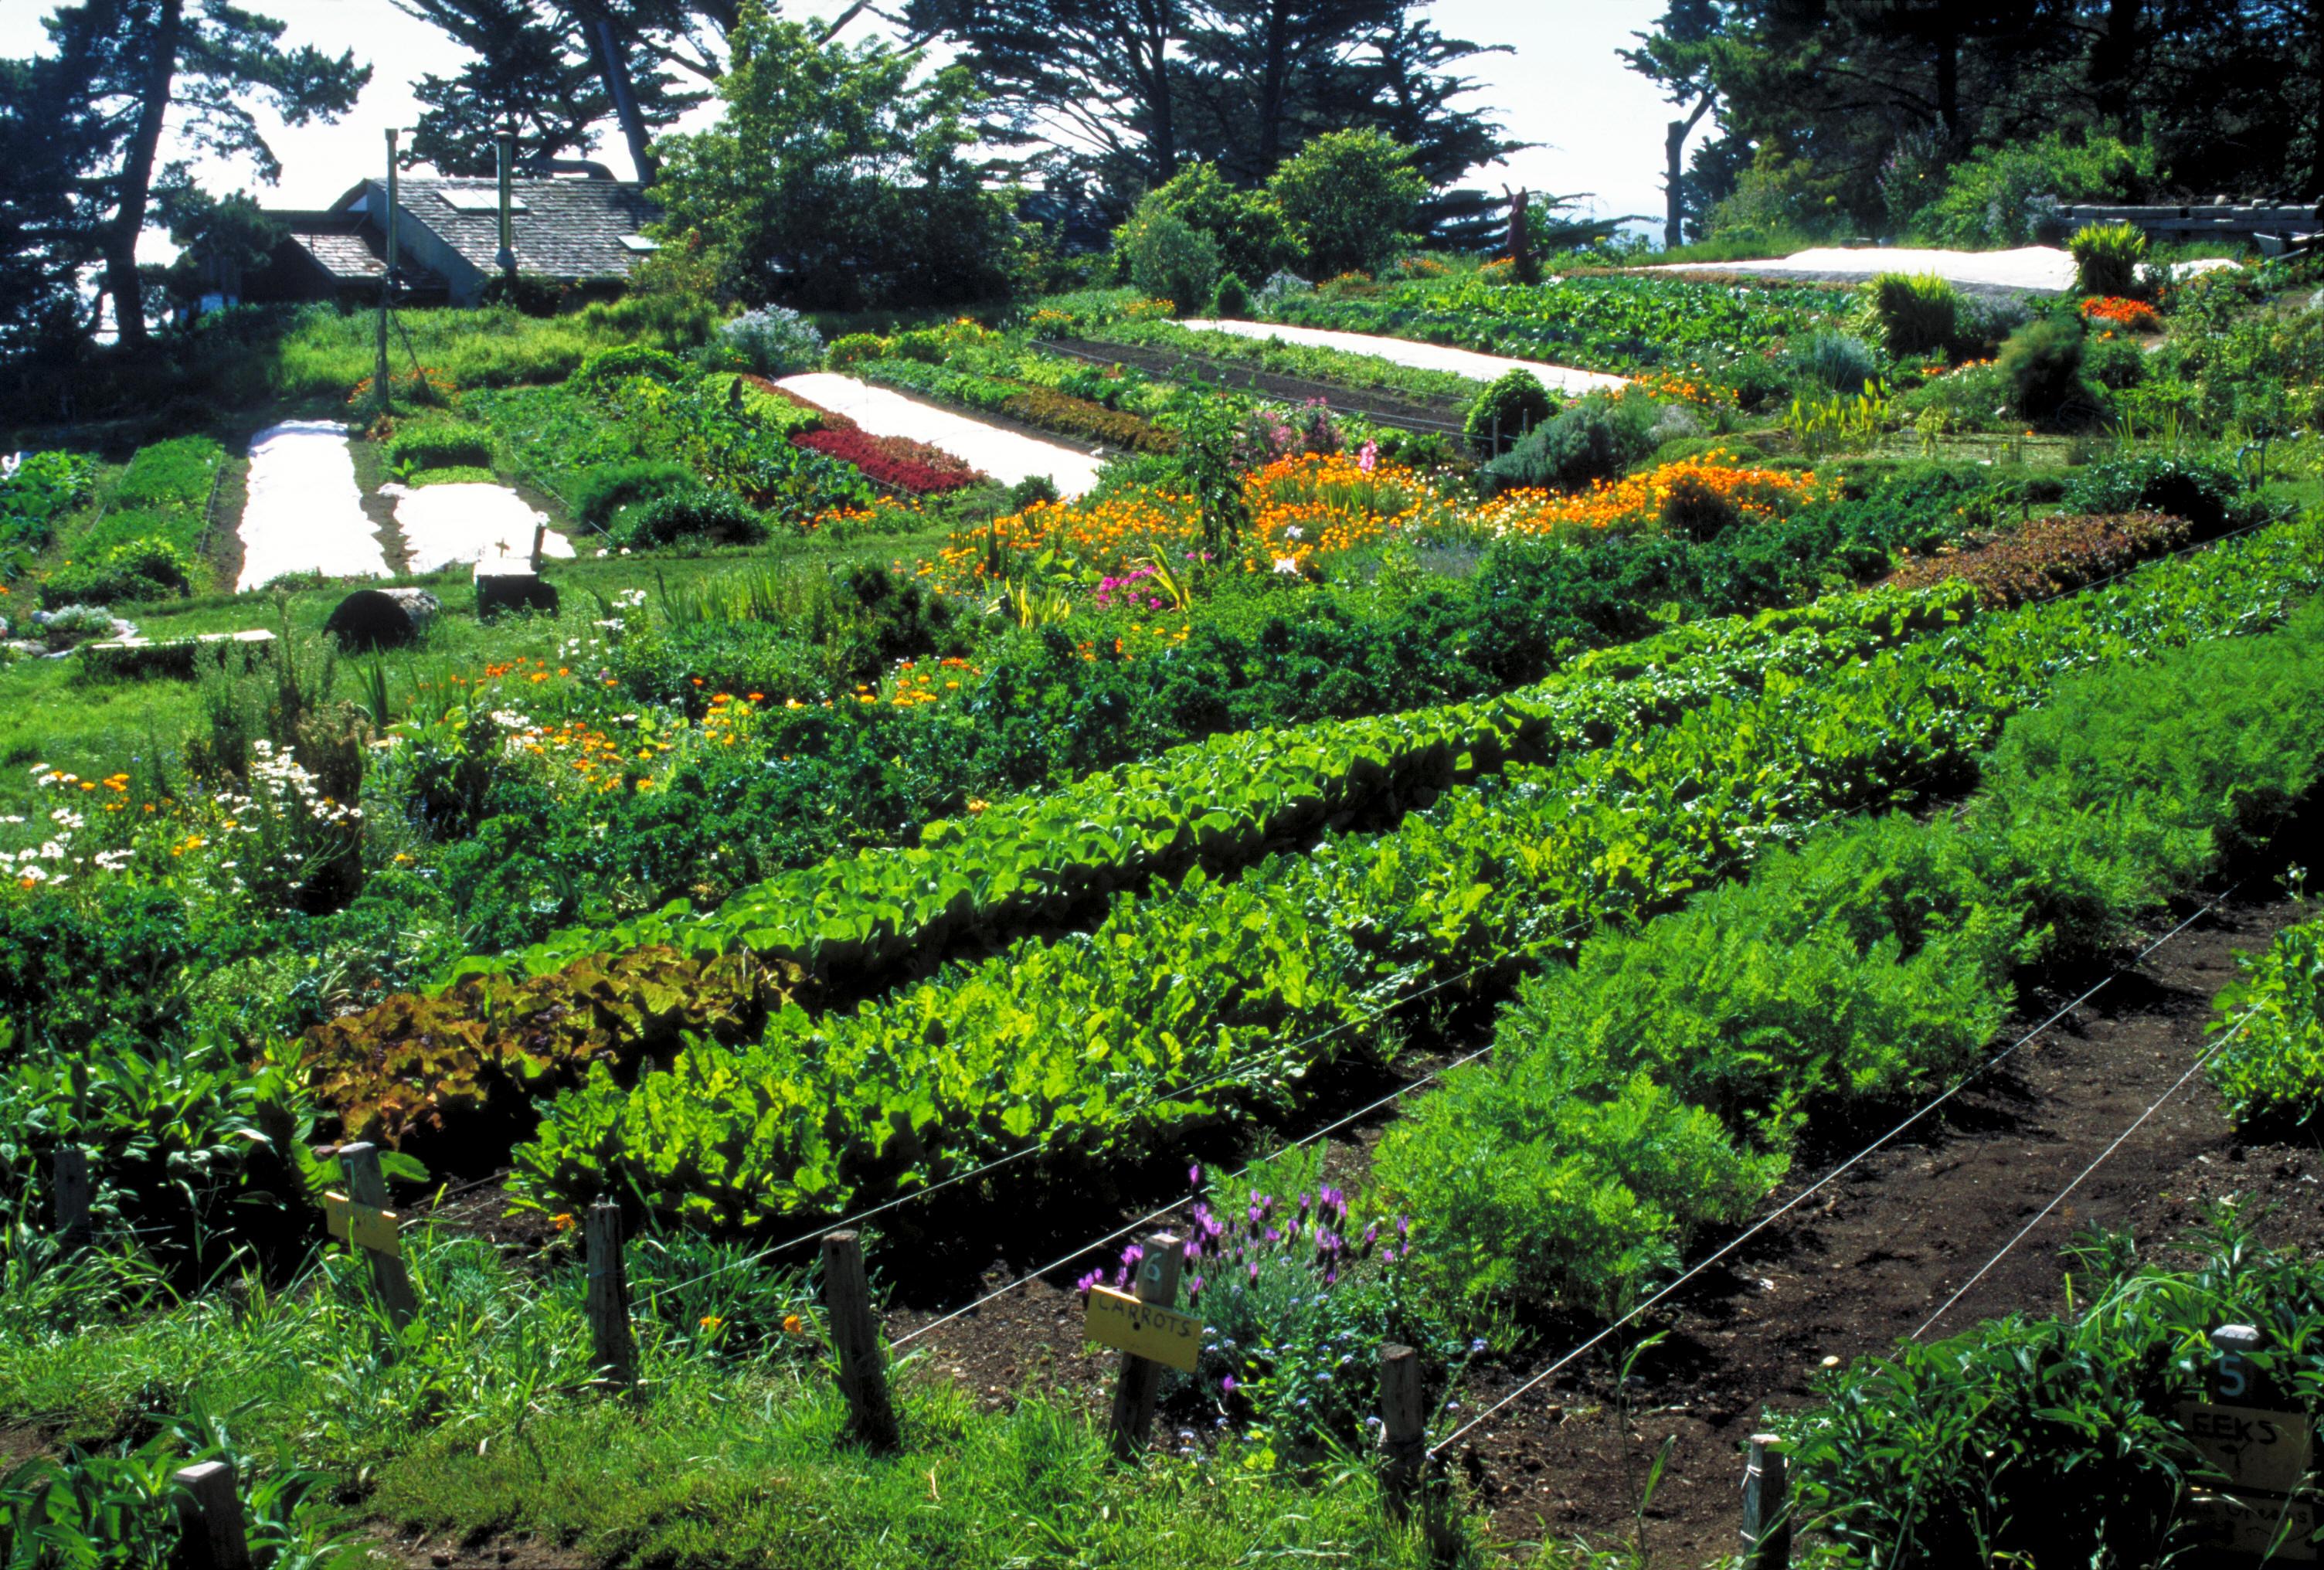 L'agricoltura sinergica. Il maestro Fukuoka e la rivoluzione del filo di paglia